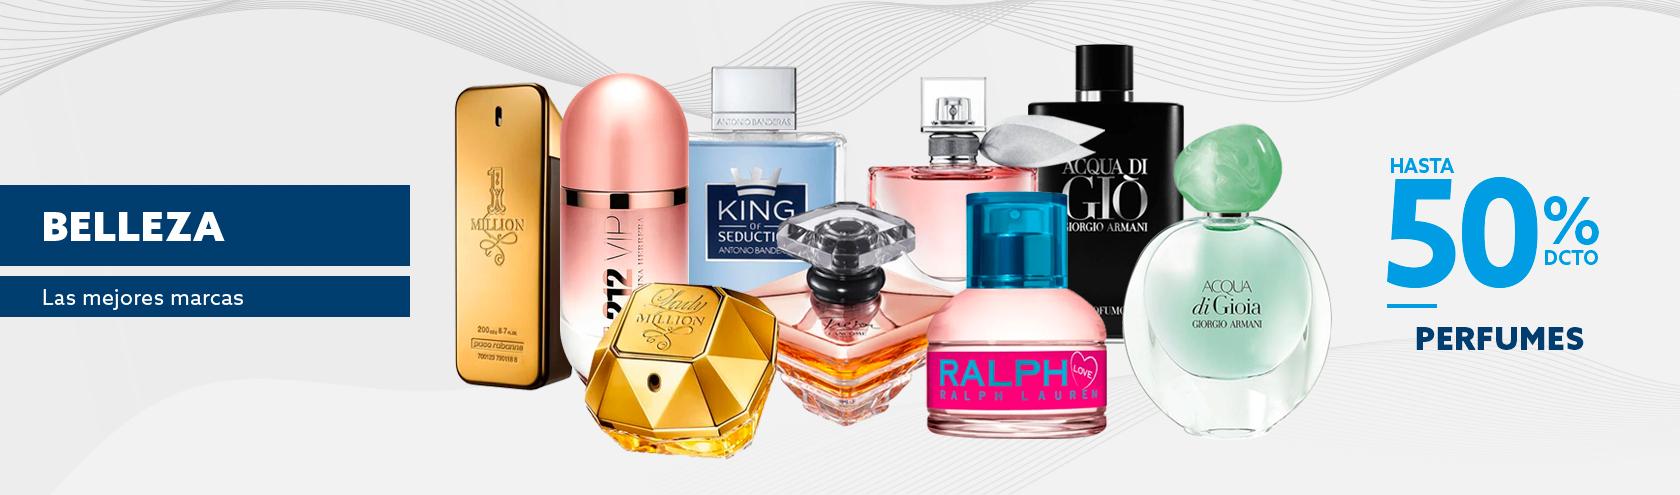 Hasta 50 porciento de descuento en Perfumes